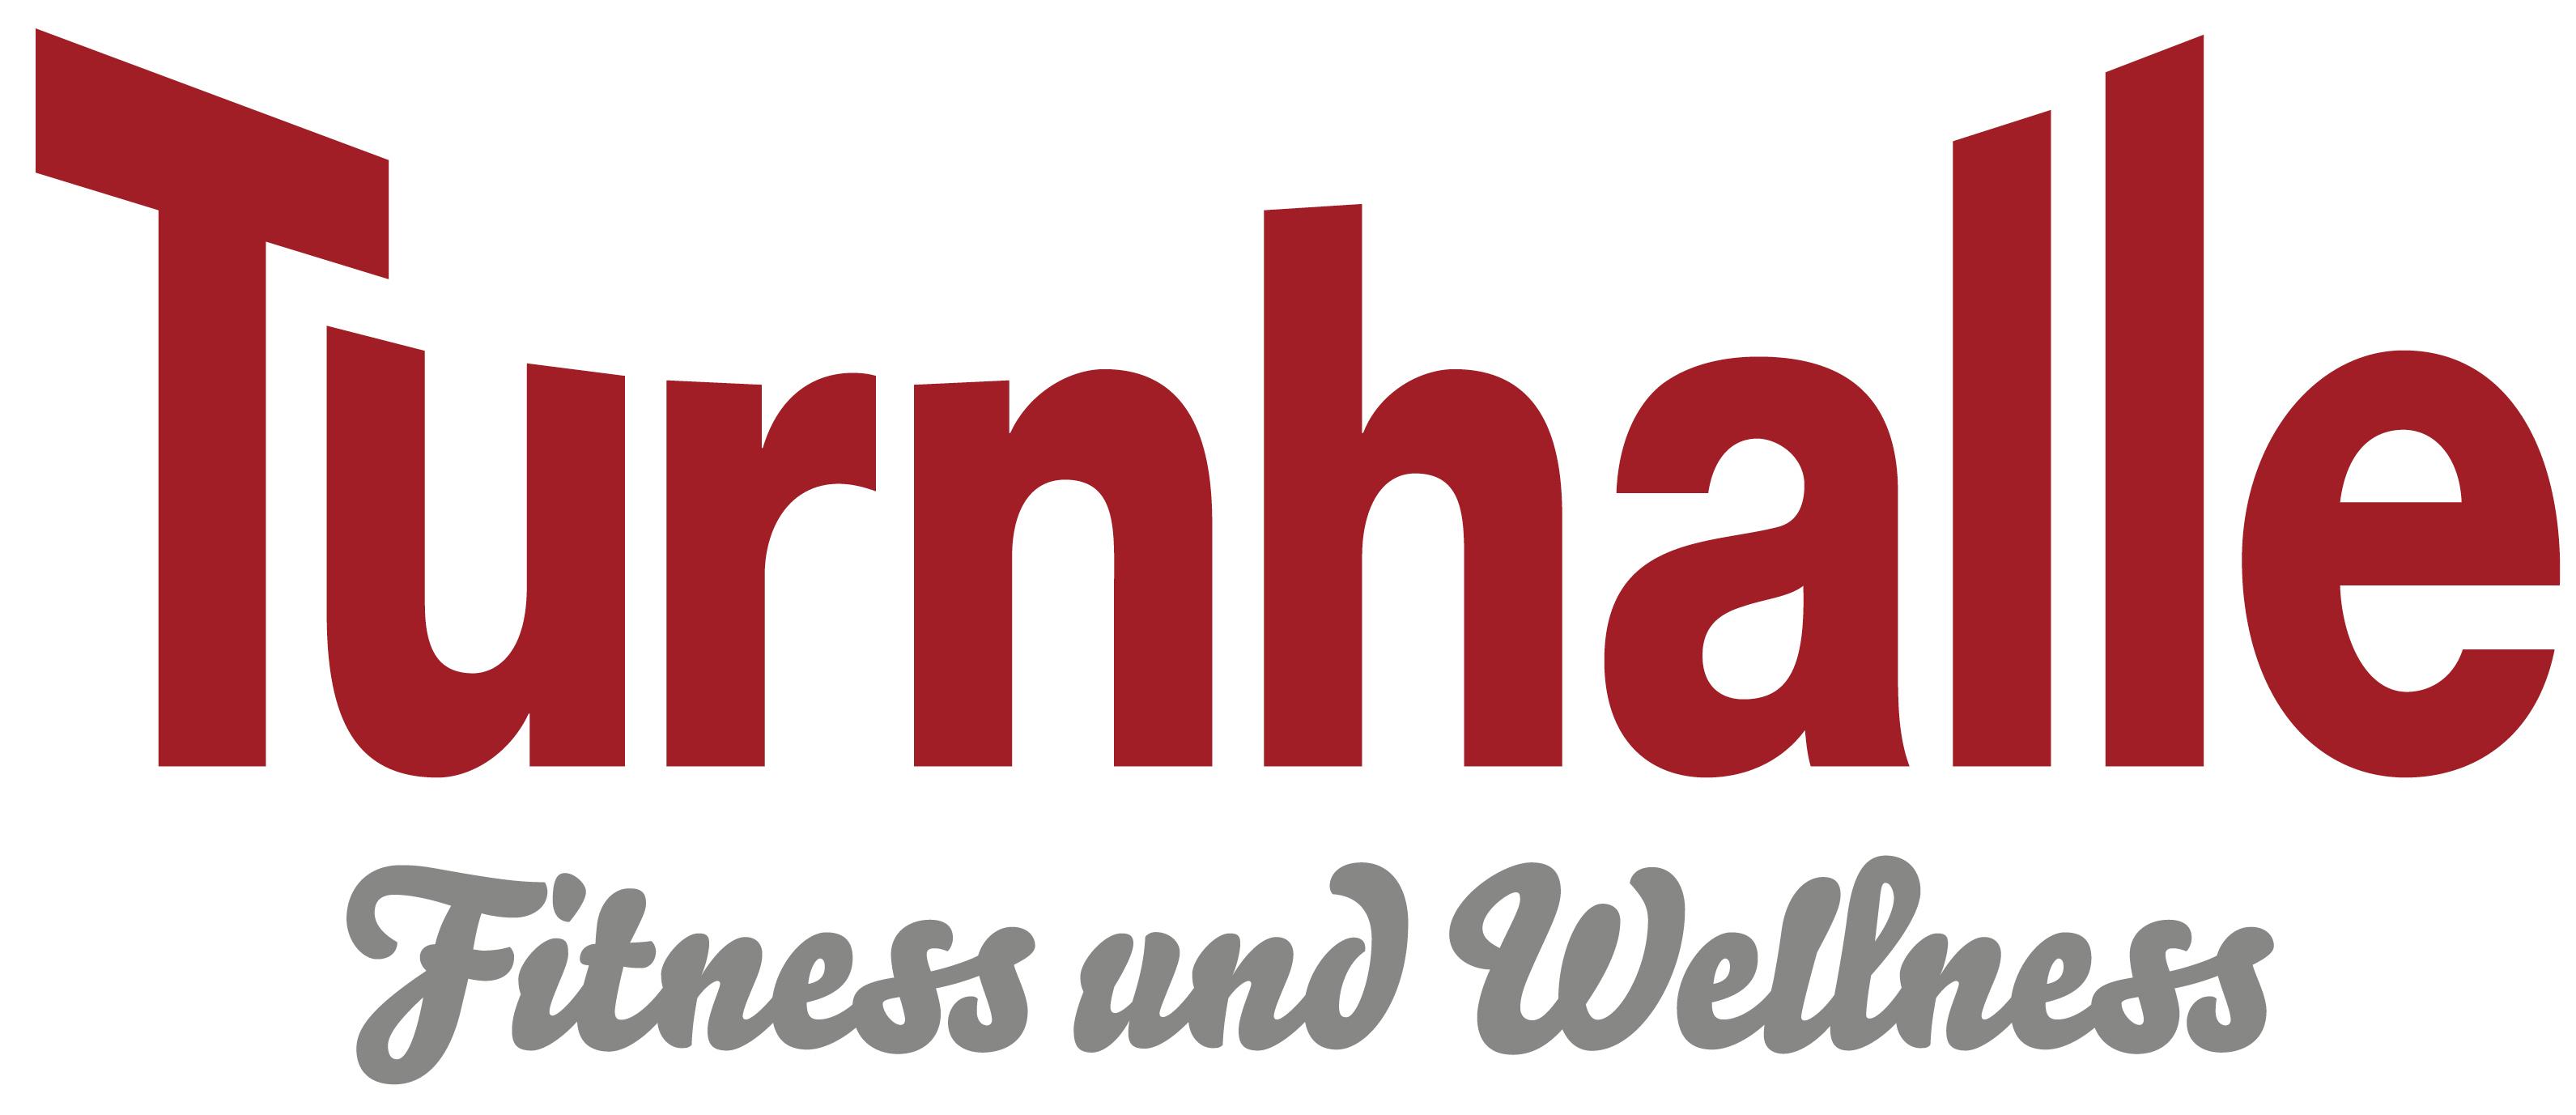 logo_fuer_webseite